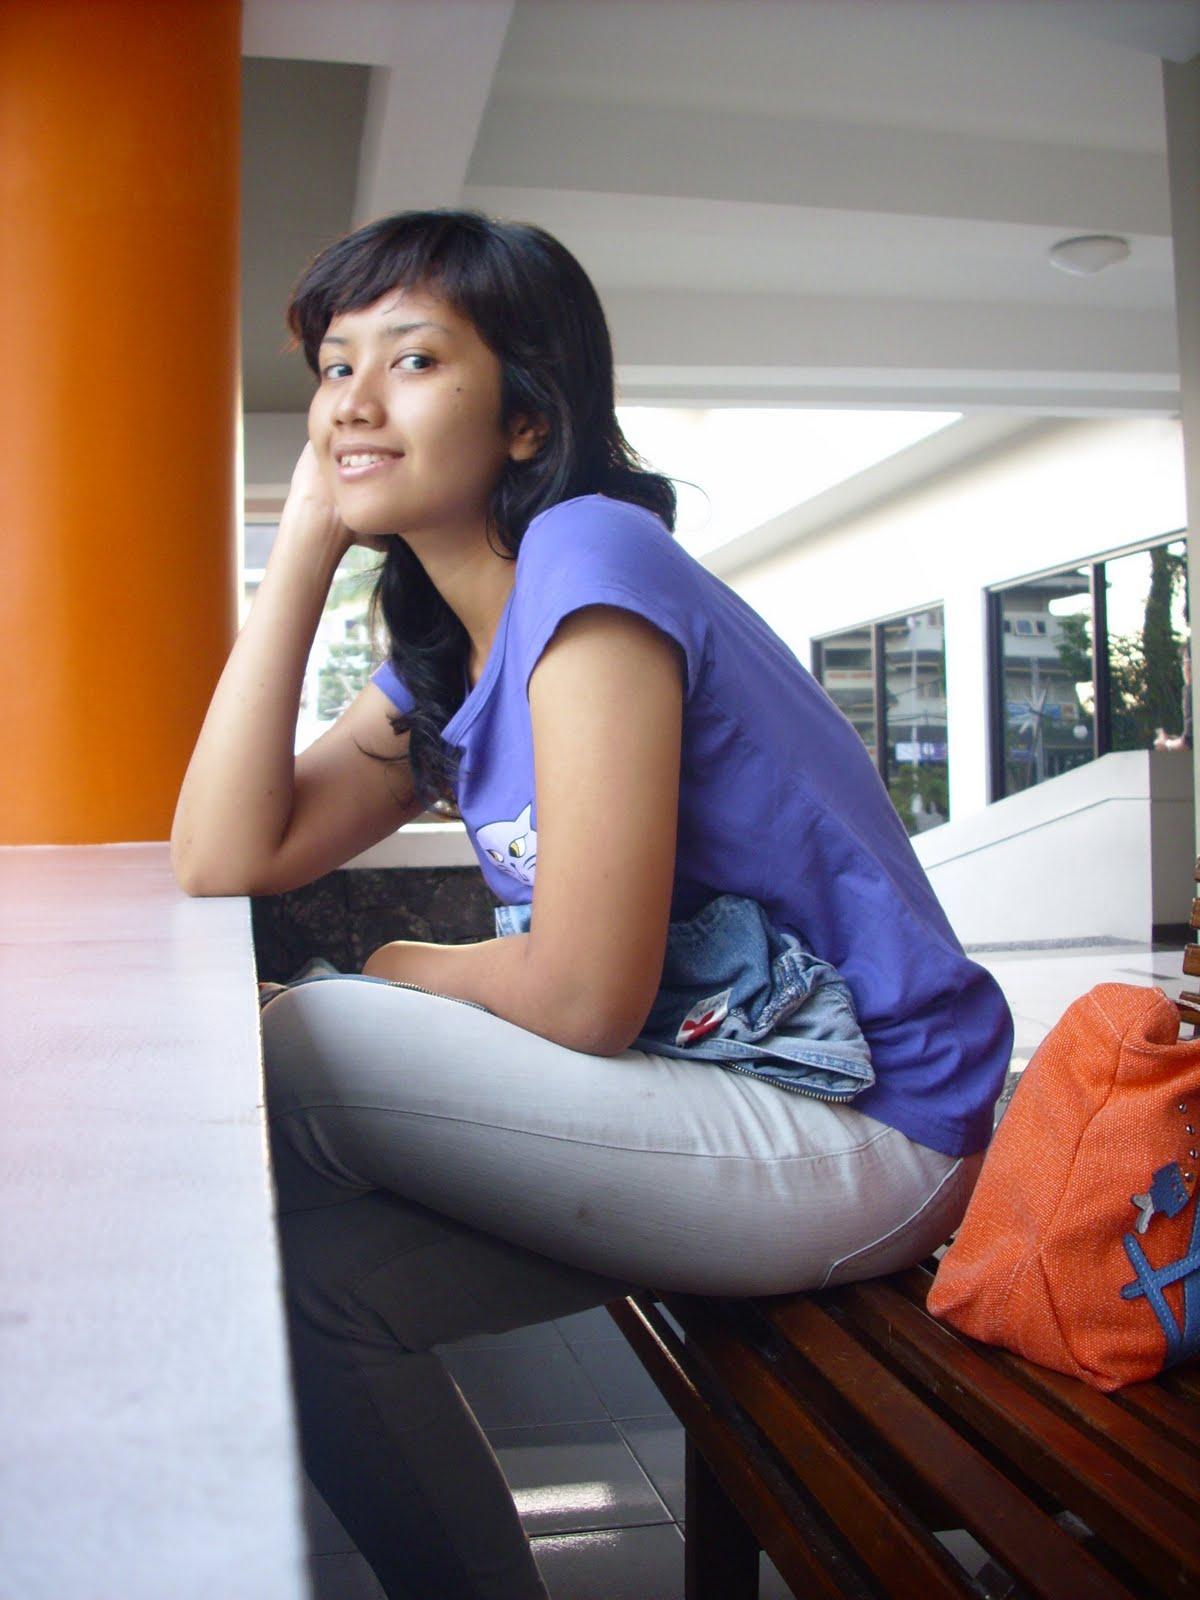 Cewek Gadis Panggilan Jogja http://pitoong.com/index.php?page=search